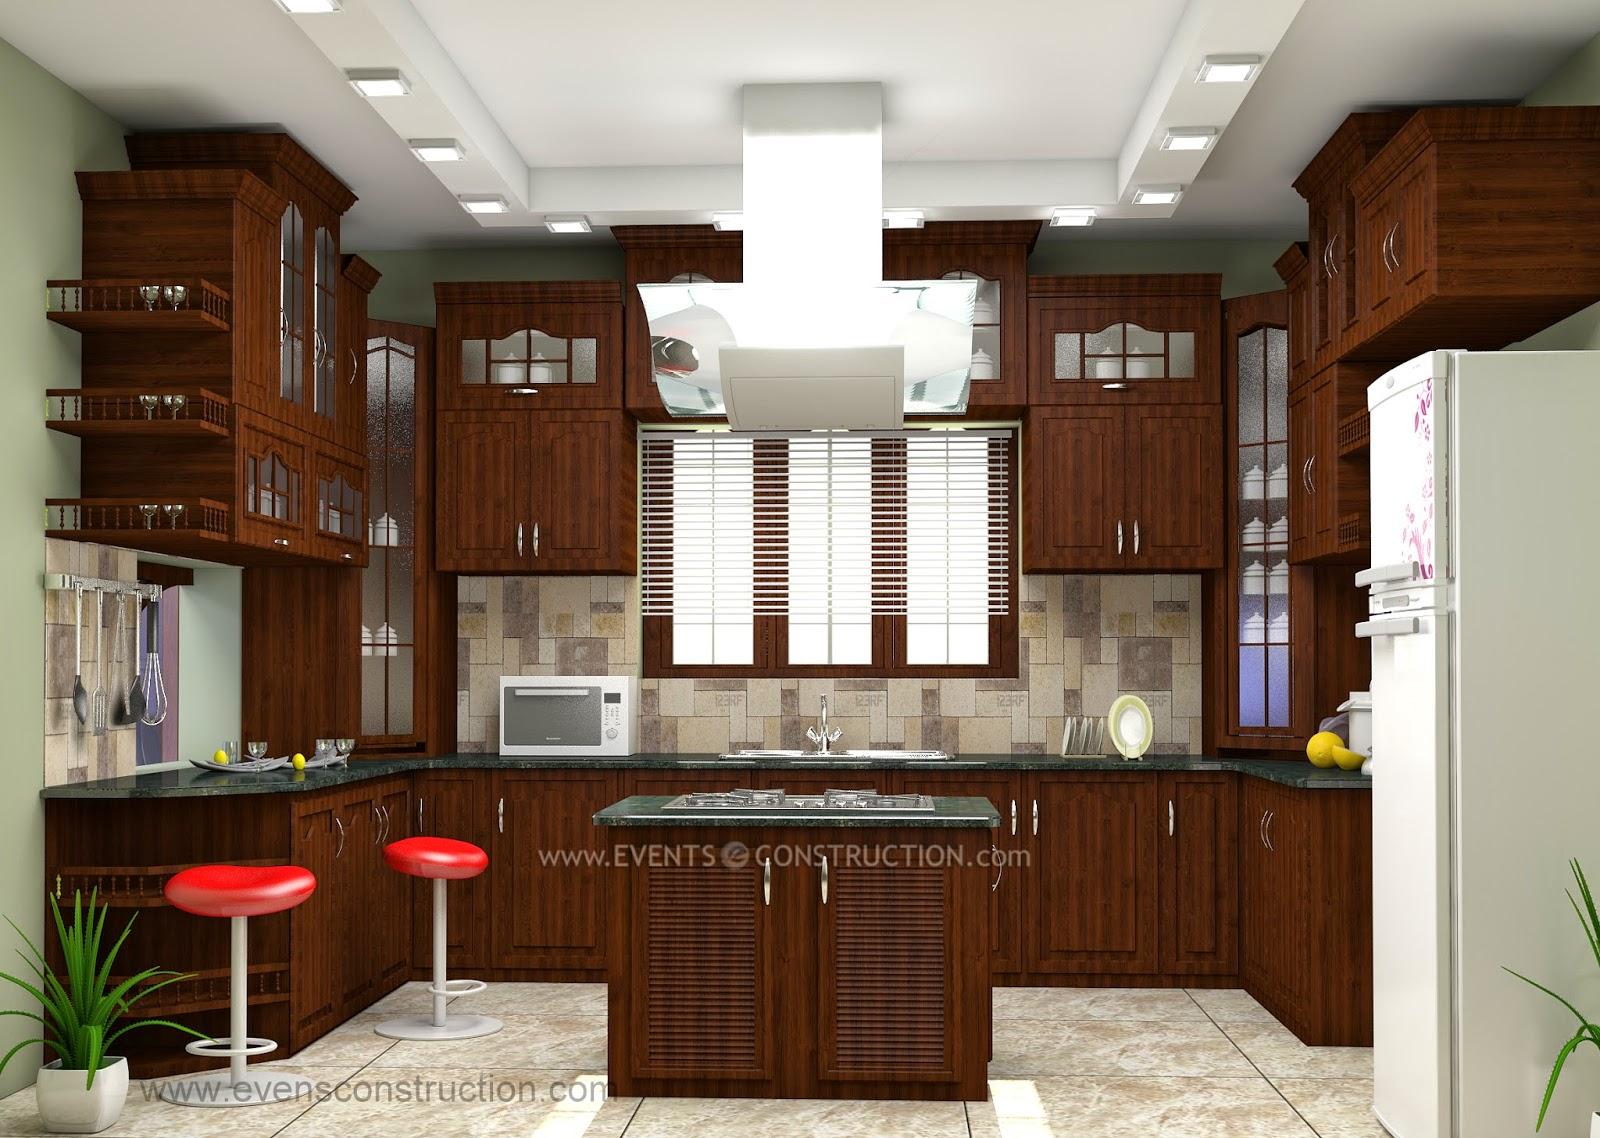 55 modern luxury kitchen design concepts help you create a for Kitchen design concepts